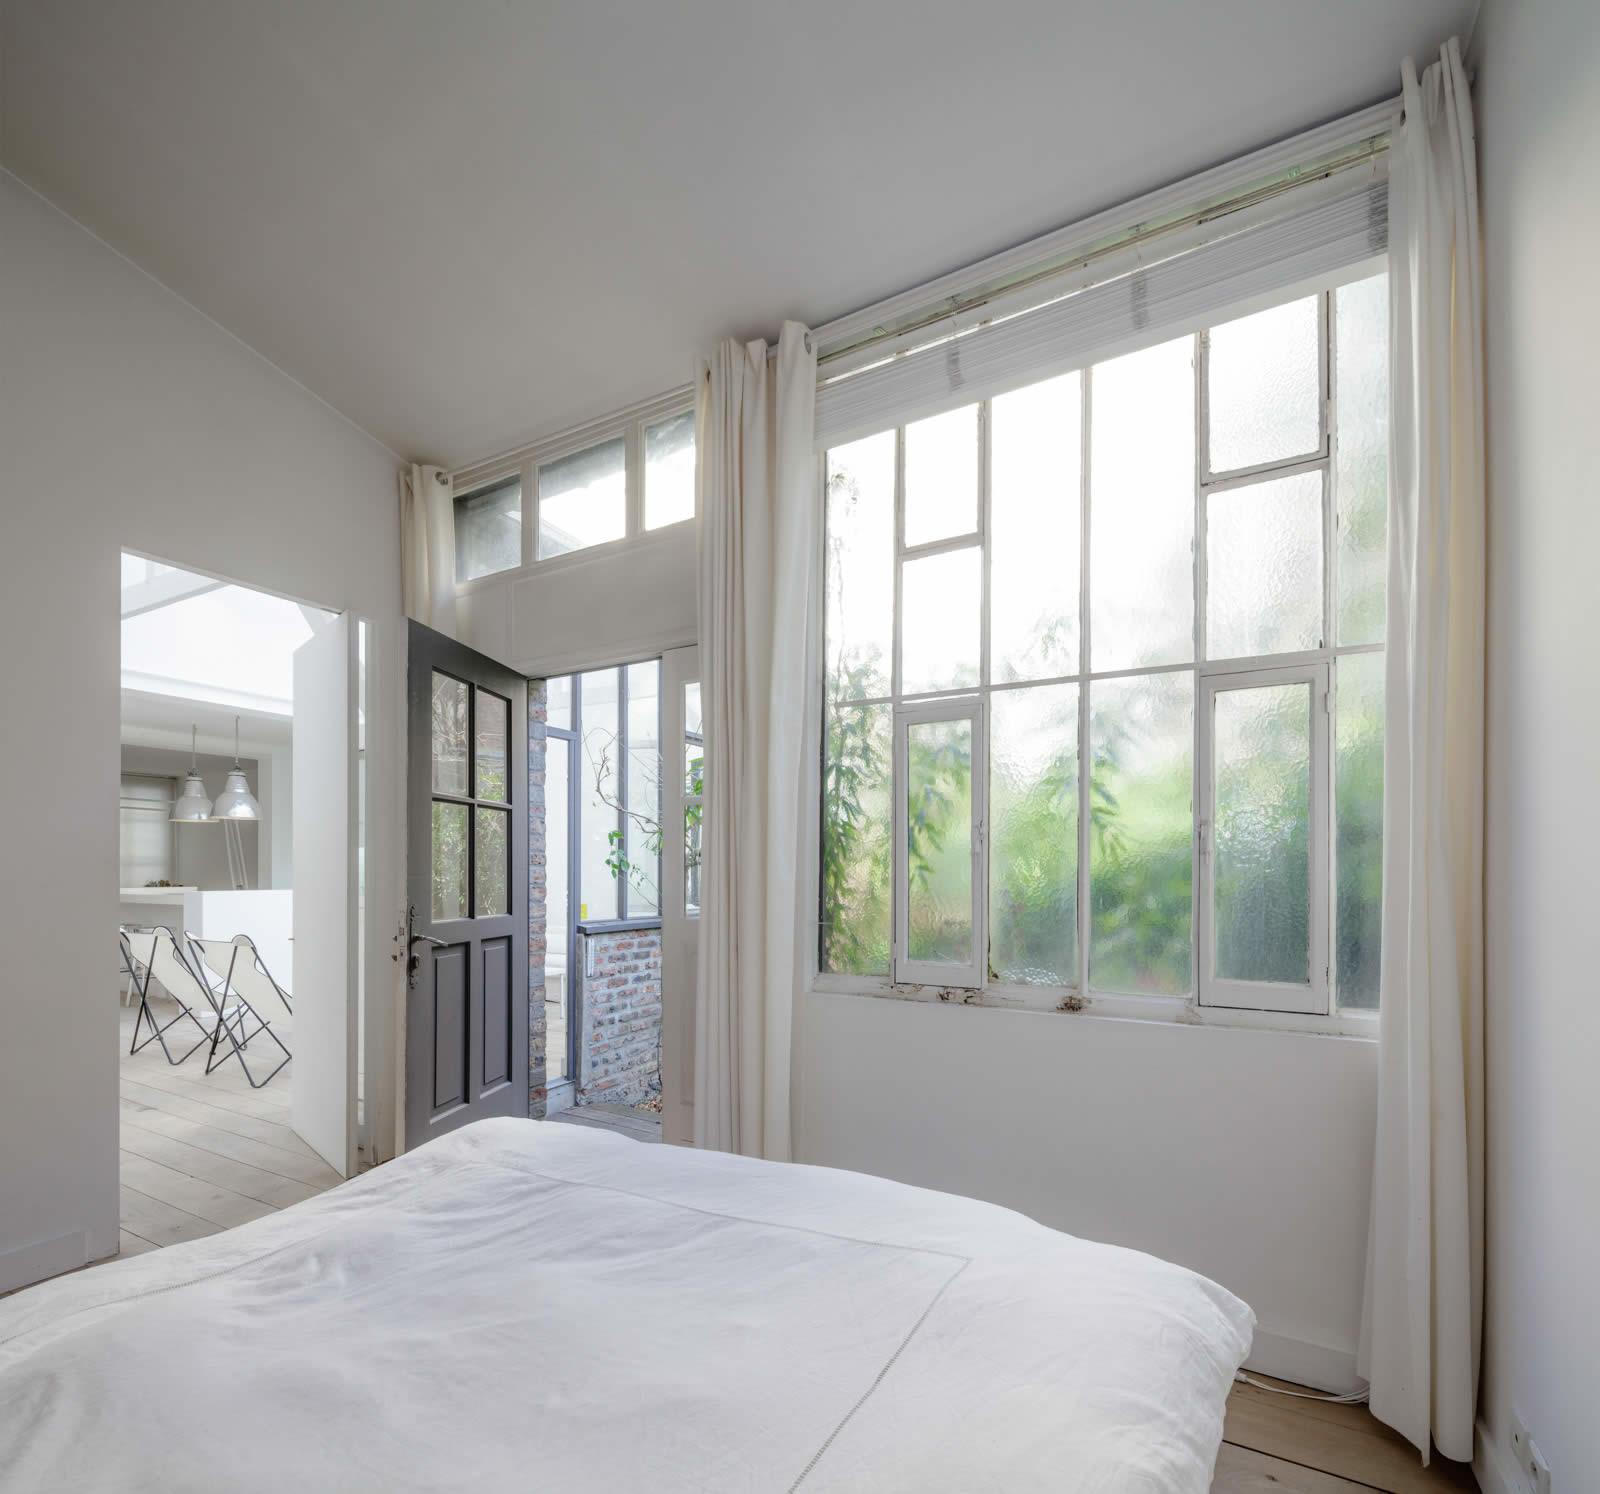 Maison d 39 architecte contemporaine vendre paris est for Terrasses et jardins paris est